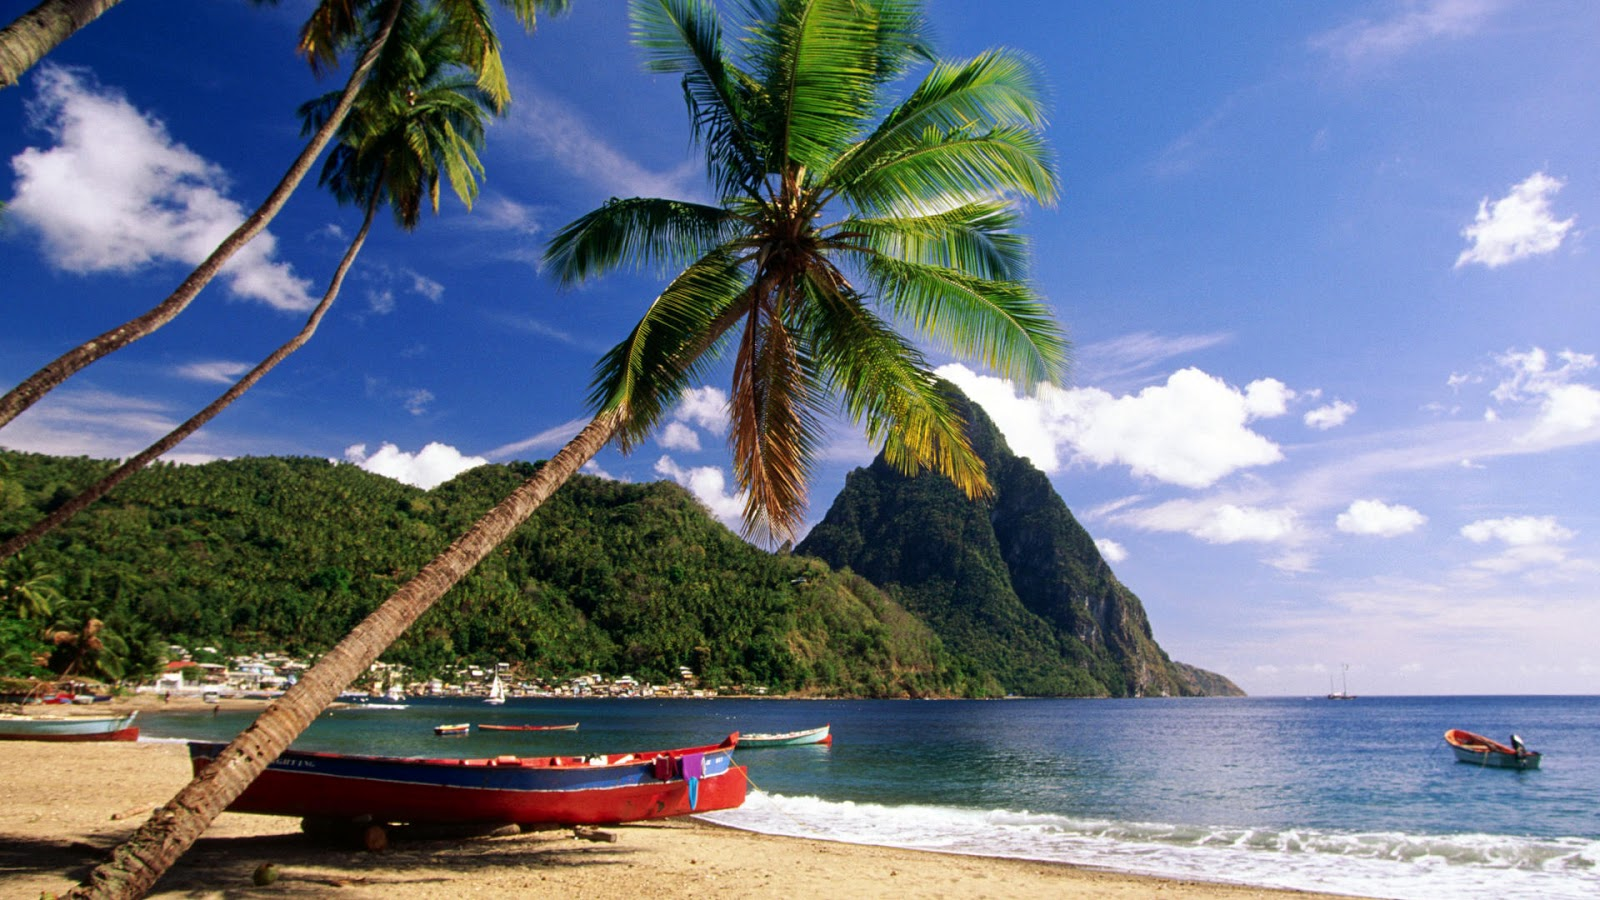 45 Caribbean Island Beach HD Wallpaper 1600x900